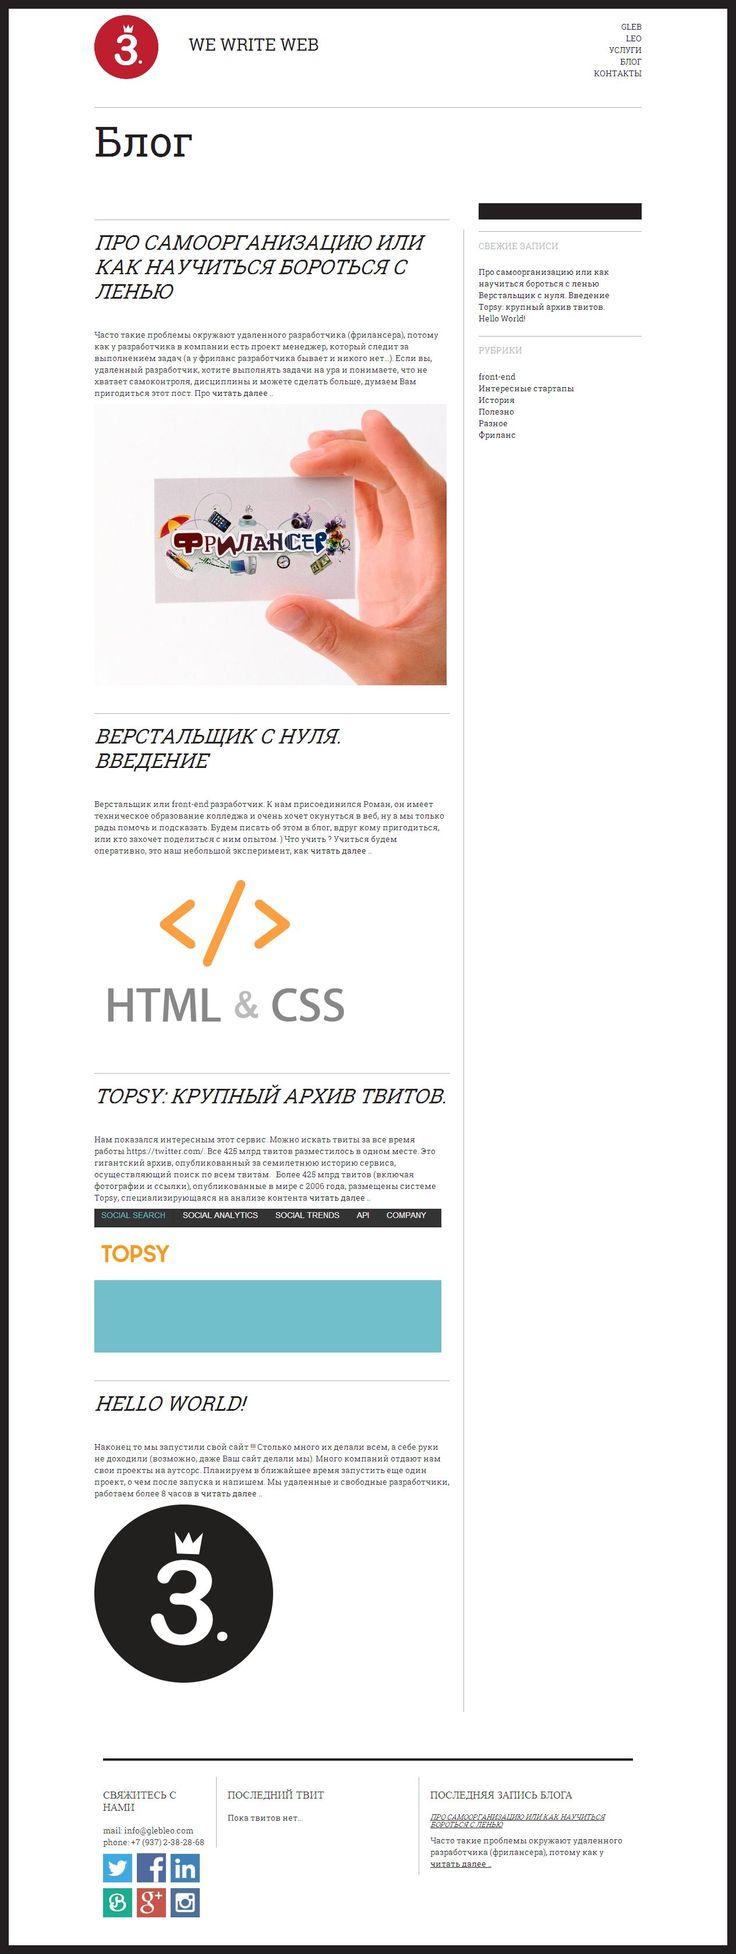 """Blog Gleb & Leo - пример """"корпоративного"""" блога. Интересно проследить и, возможно,предложить обучение, консалтинг. Пригласить на такой вебинар. Предложить свои услуги блогера."""